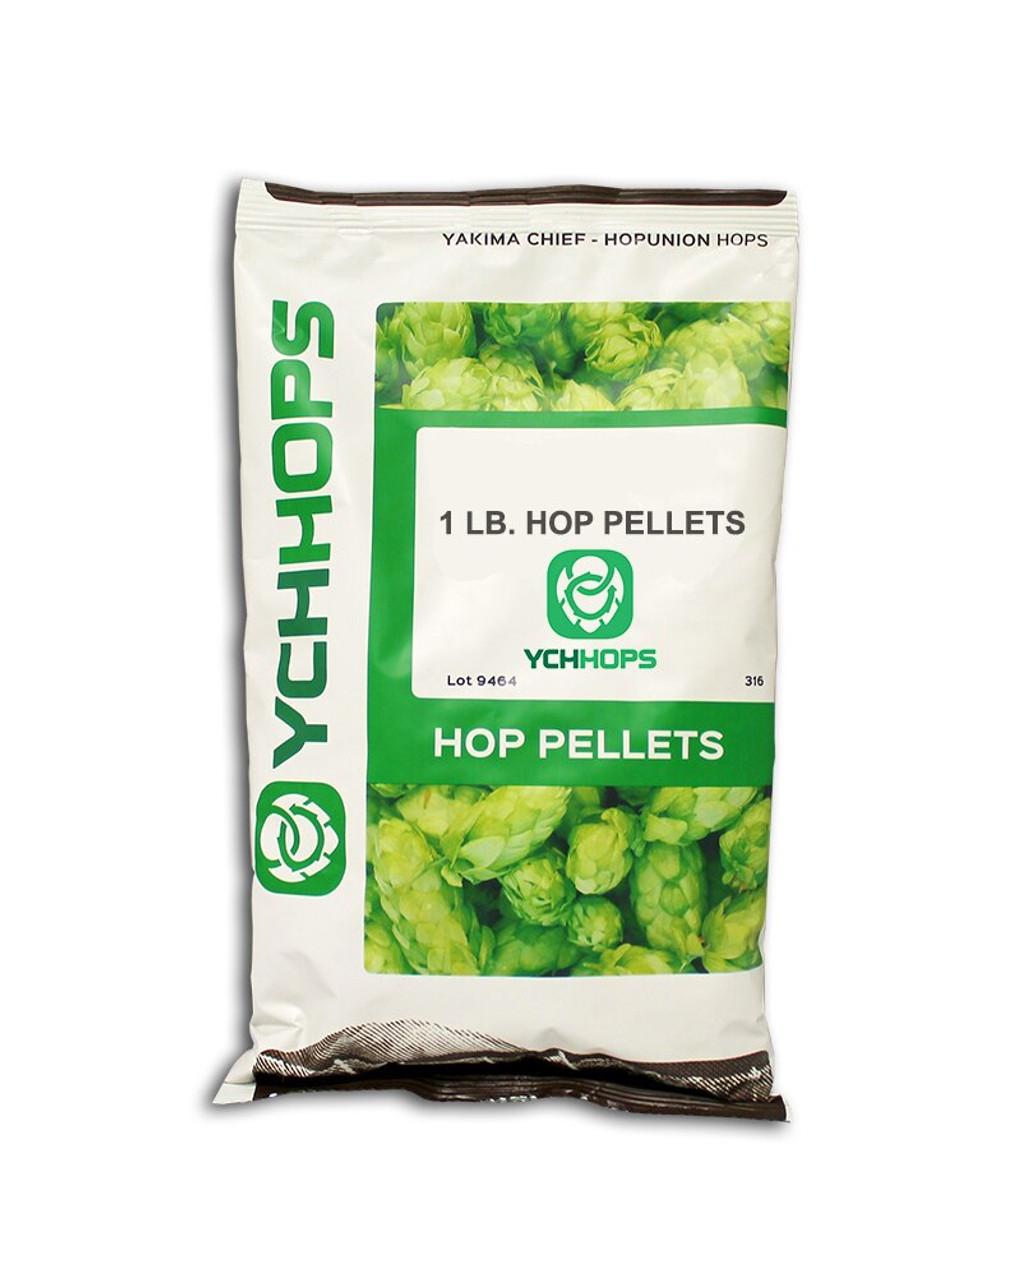 Mt. Hood Hop Pellets 1 Lb